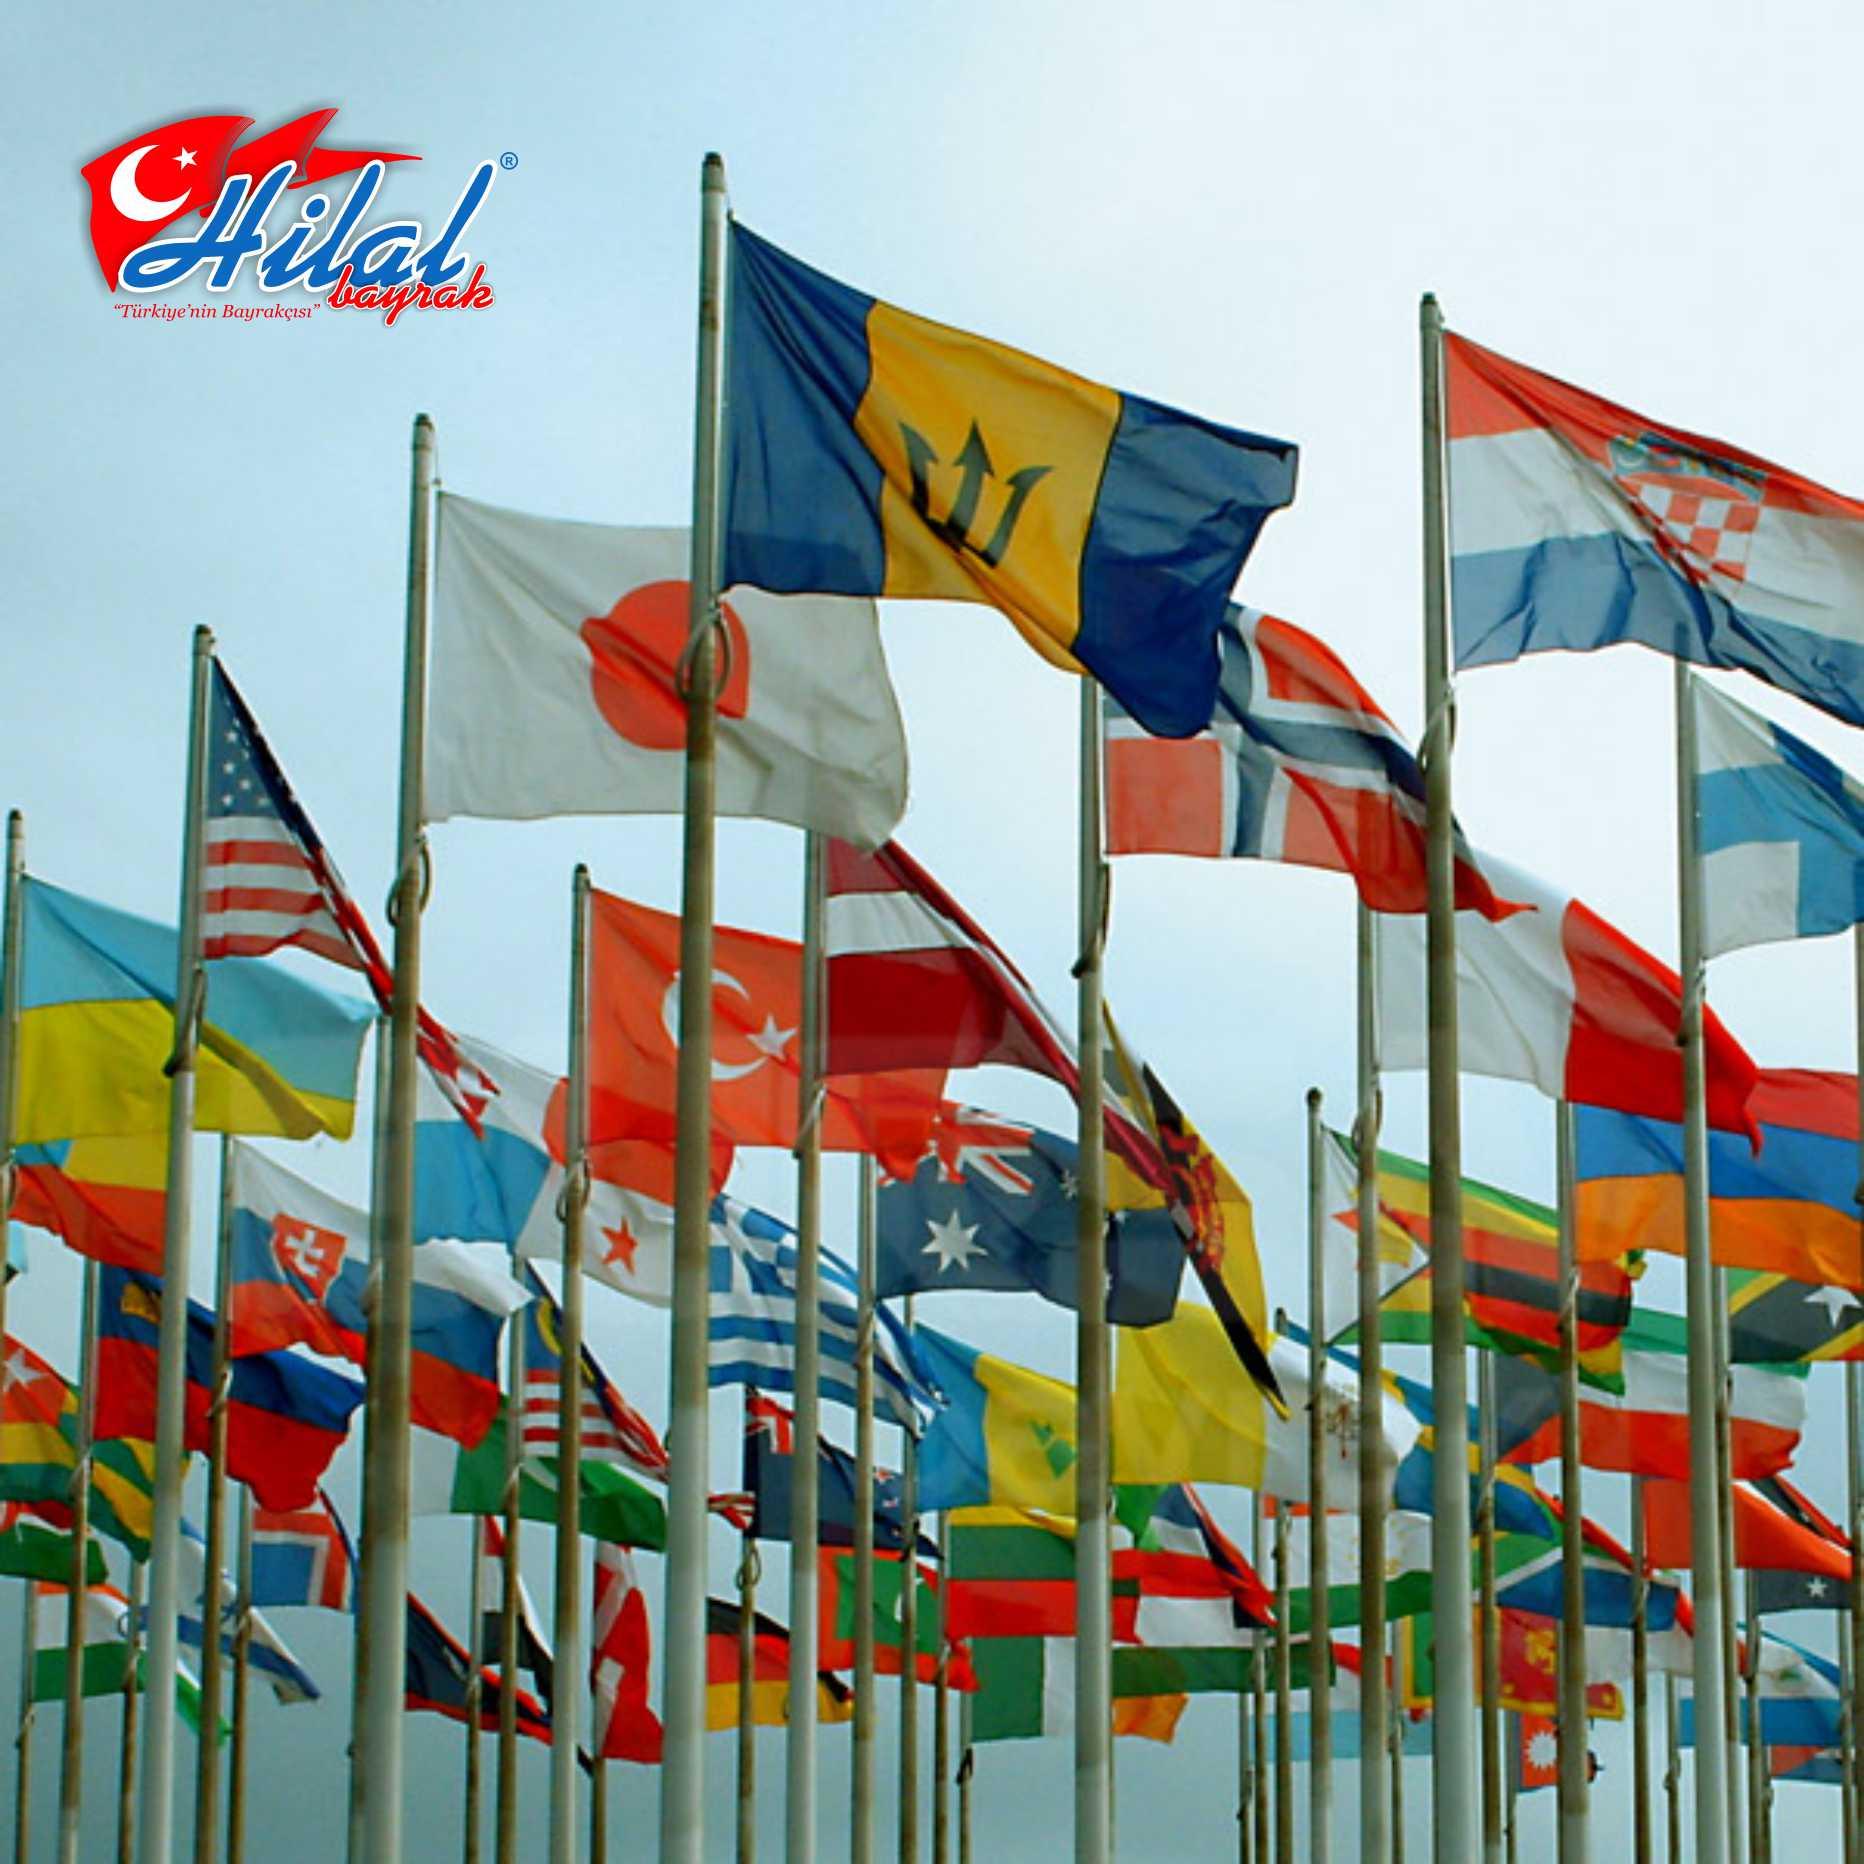 Yabancı ülke, bayrakları, Yabancı bayraklar, ulusal bayraklar, Kağıt bayrak, bayraklar,el bayrakları,Türk bayrağı ümraniye